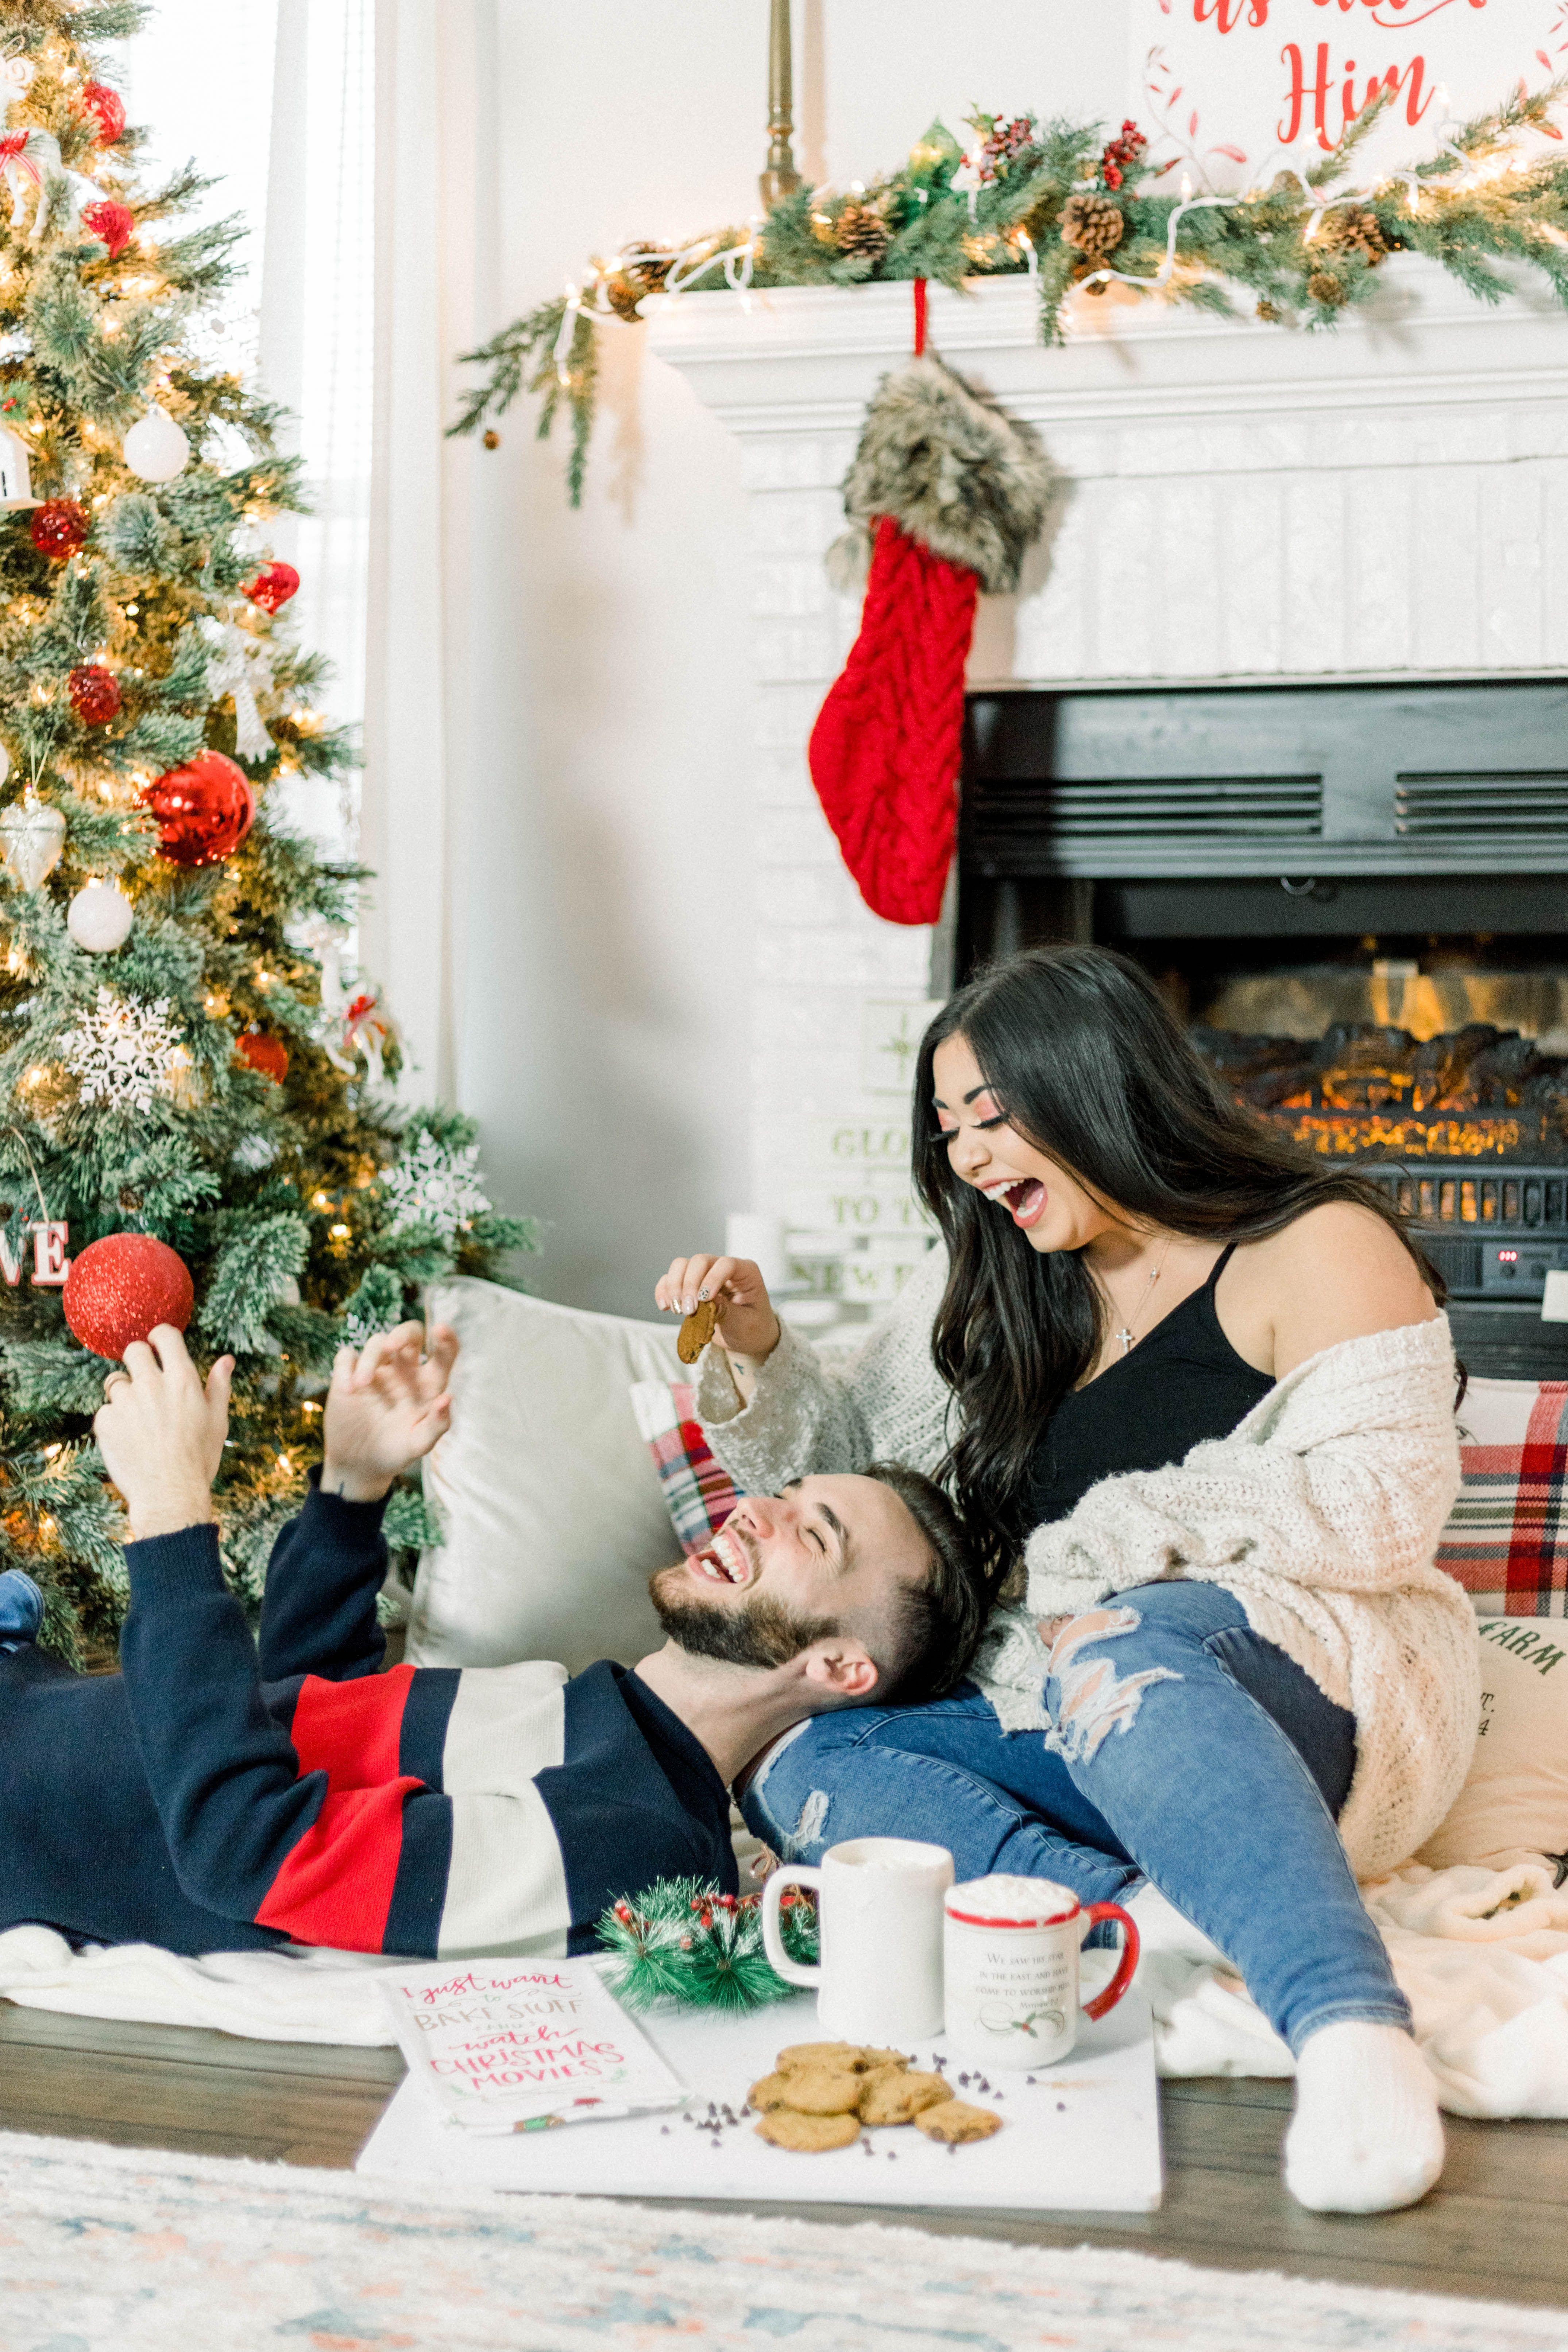 Christmas Christmas Couple Photos Christmas Date Inexpensive Christmas